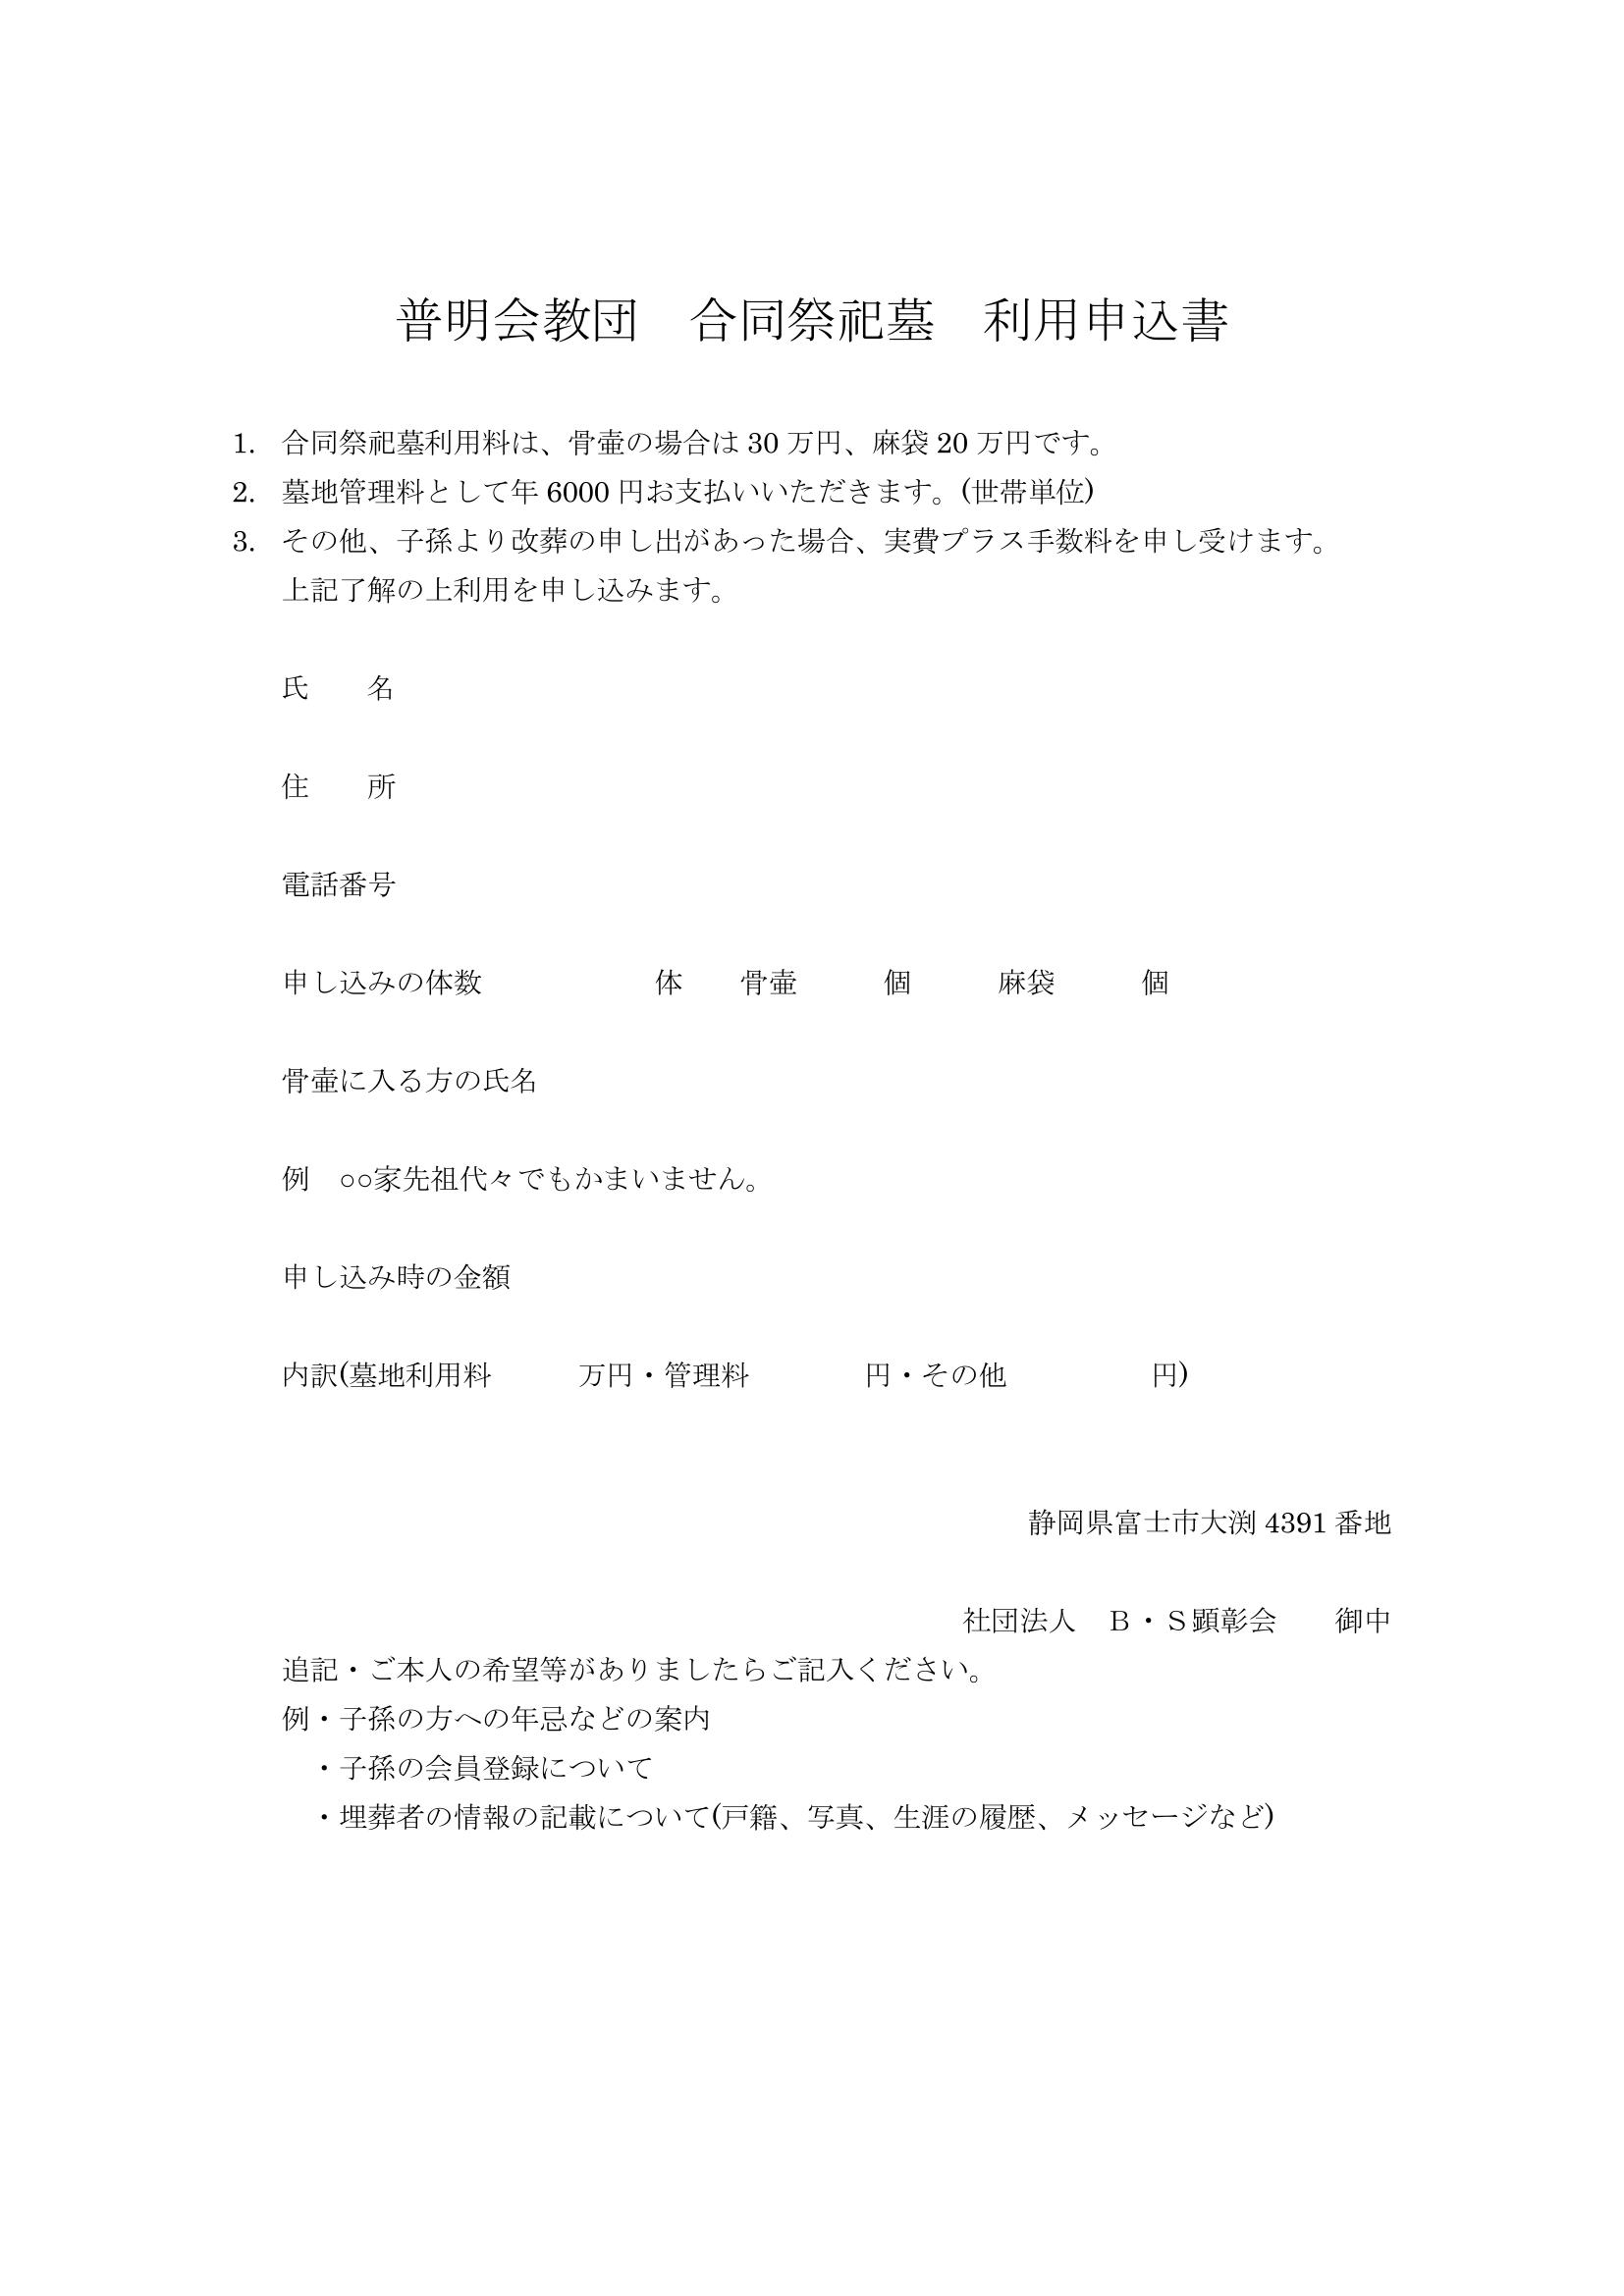 普明会教団合同祭祀墓利用申込書(画像イメージ)